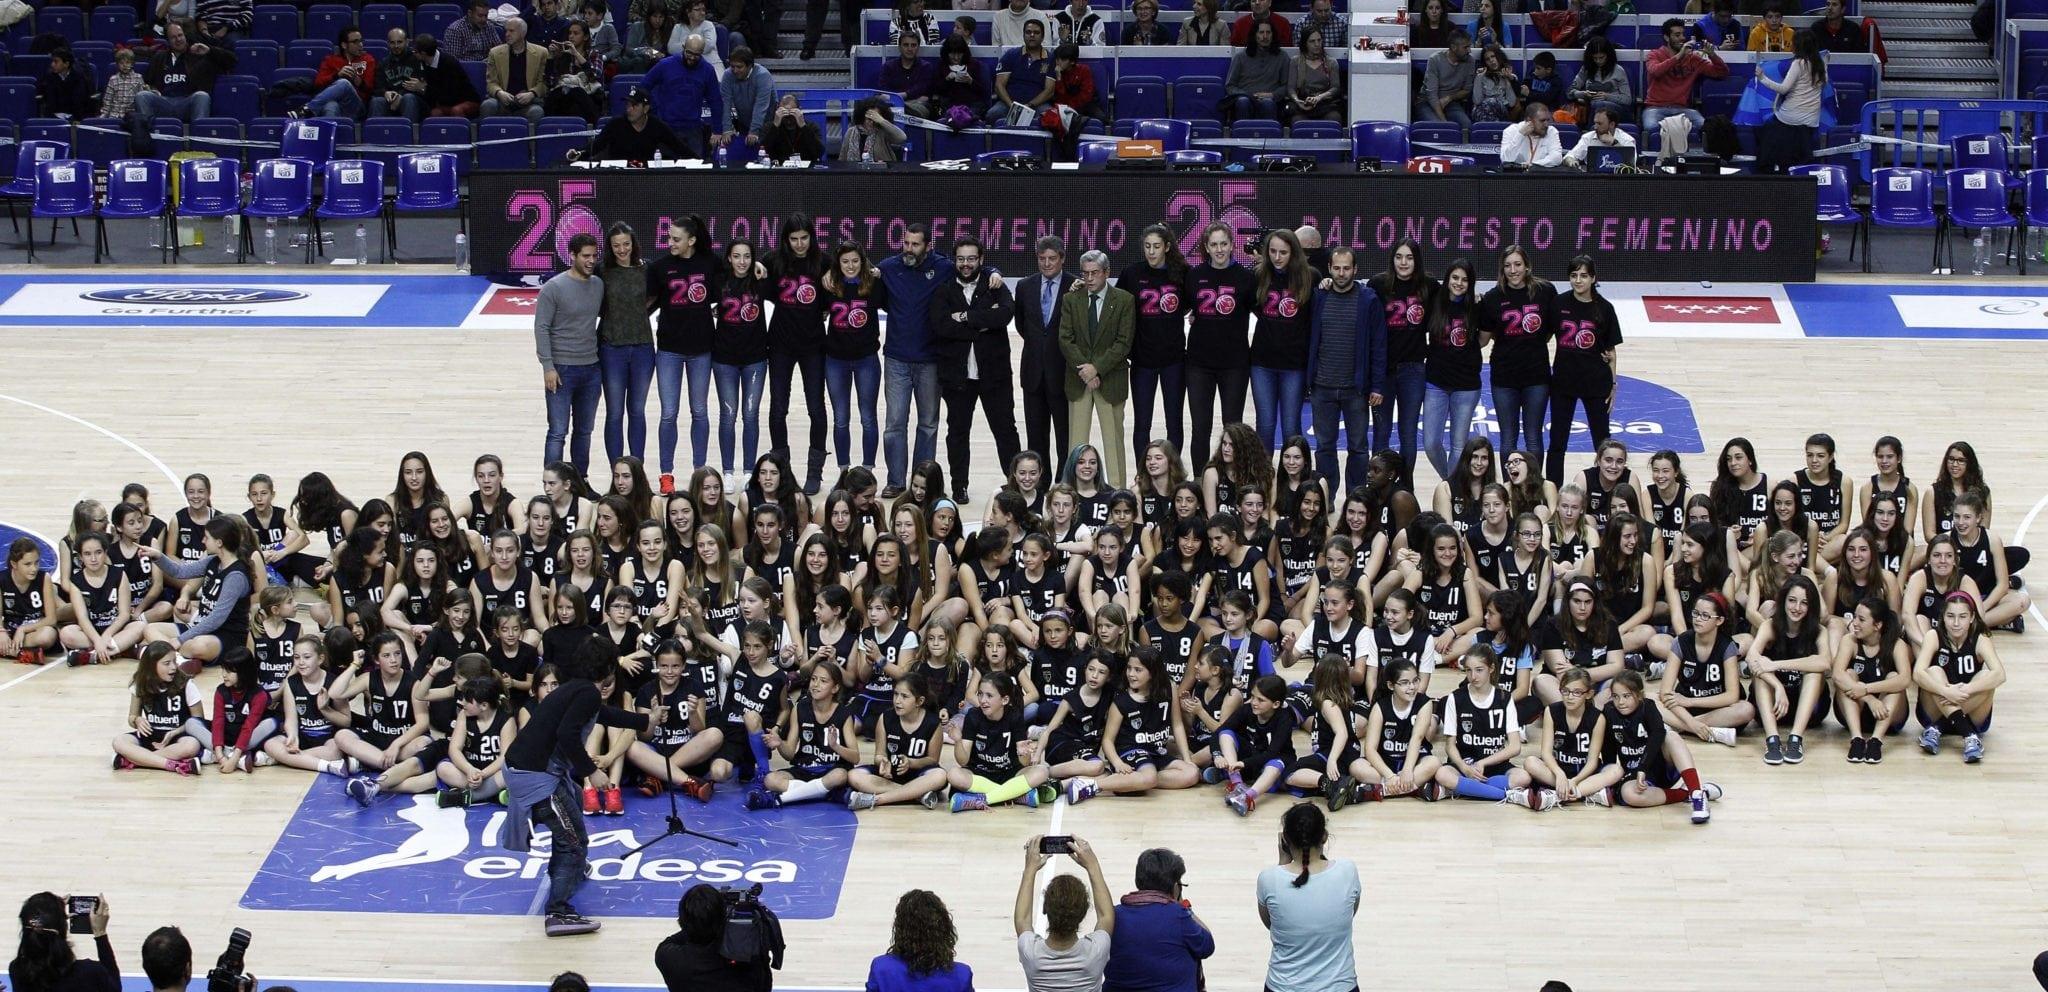 La cantera femenina de Movistar Estudiantes, premio Rosa Manzano 2015 de igualdad